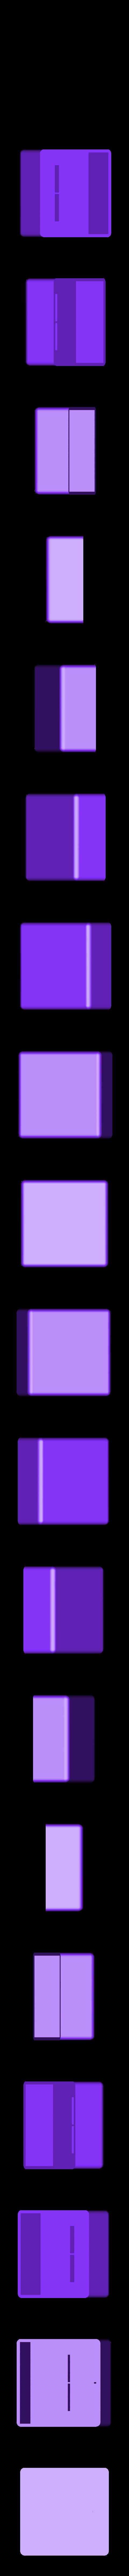 squareholderV3.stl Télécharger fichier STL gratuit Moule à verre Ice Shot V3 • Modèle pour imprimante 3D, Gophy